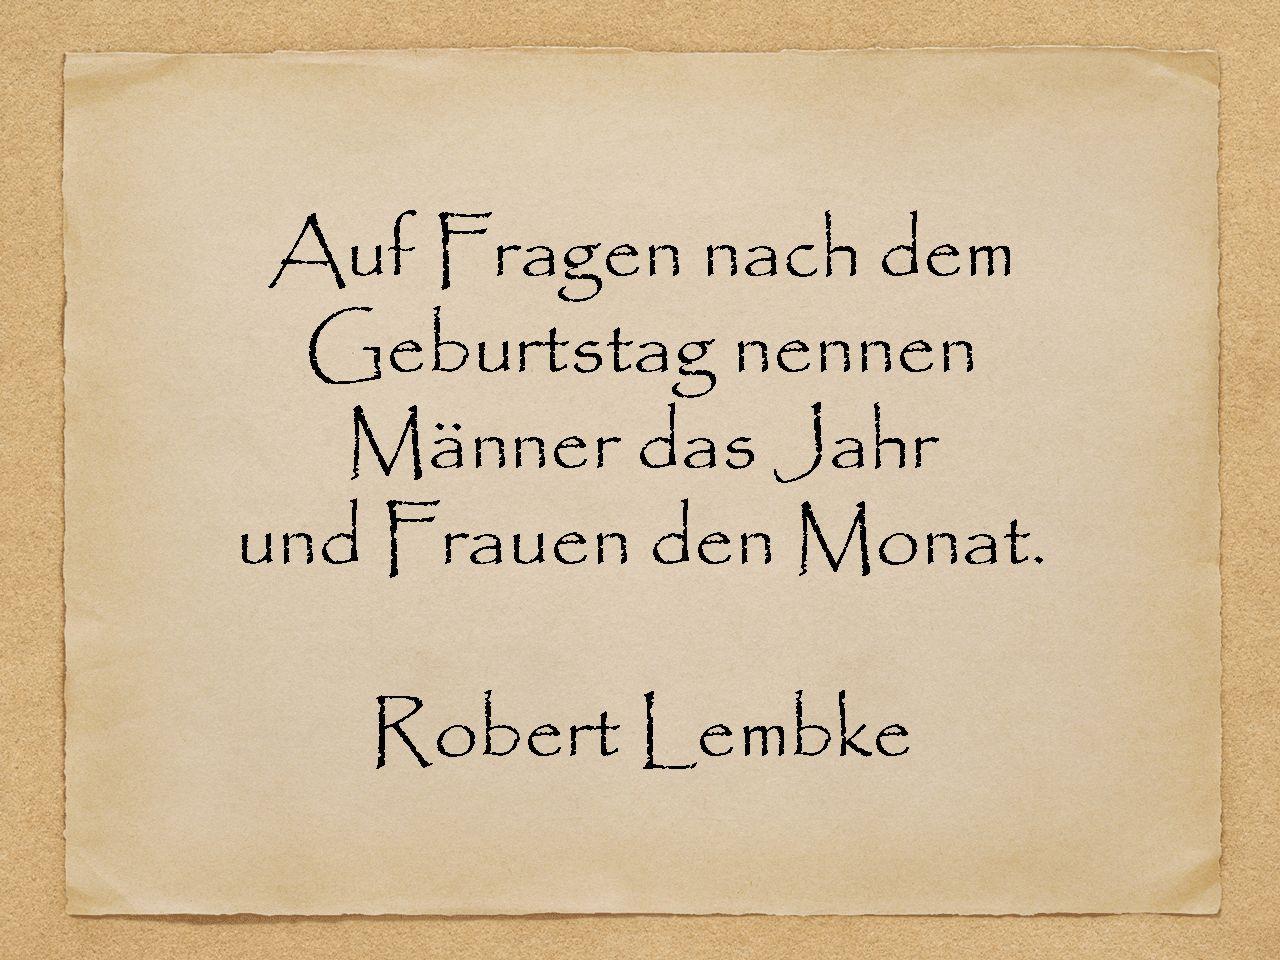 Auf Fragen - Robert Lembke (Mit Bildern ganzes Geburtstagsgedichte Lustige Witzige Gedichte Und Coole Sprüche